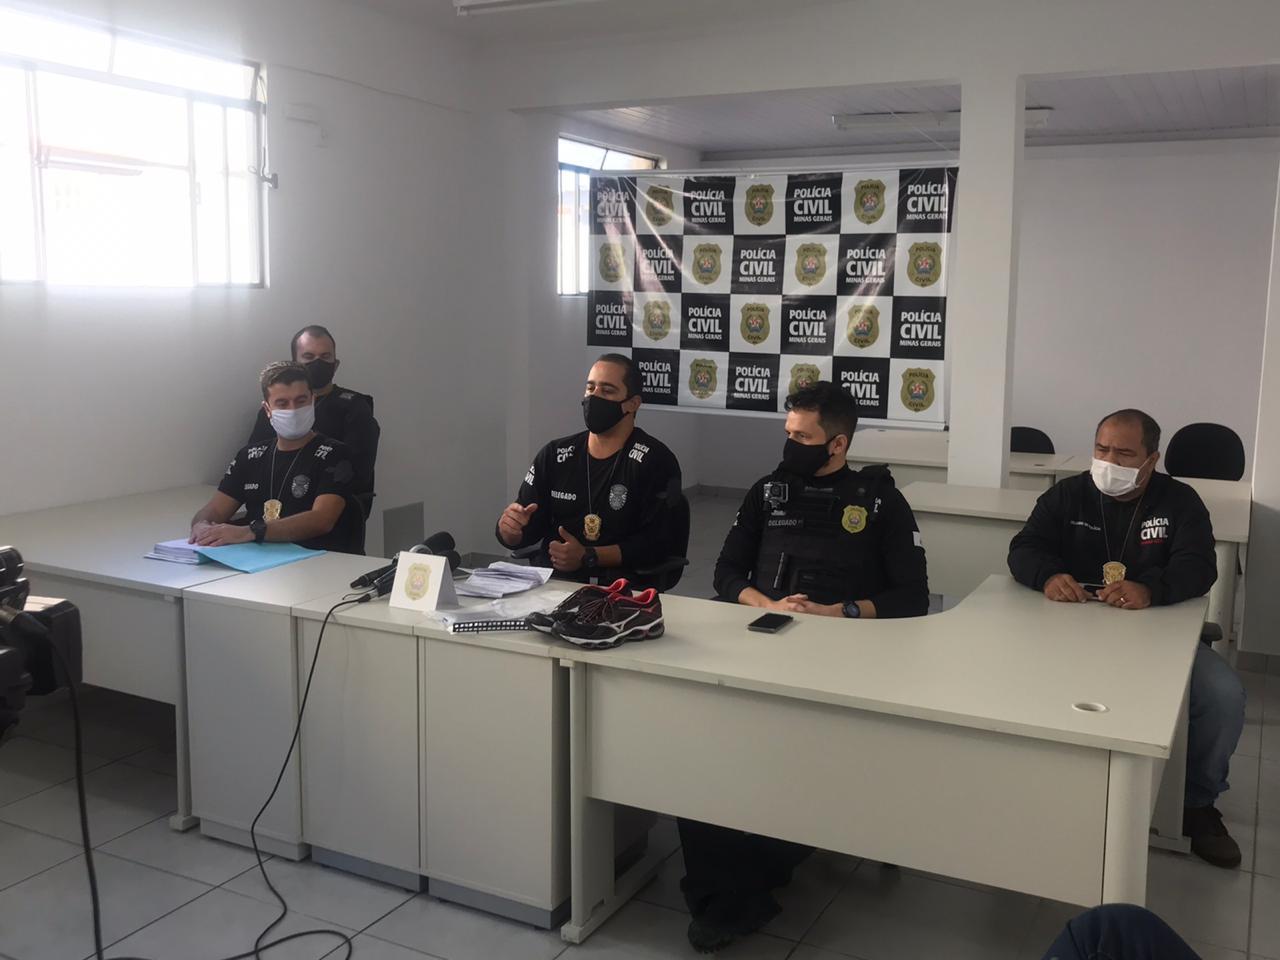 Polícia indicia 18 suspeitos de integrarem organização criminosa em Contagem - Foto: Divulgação/PCMG